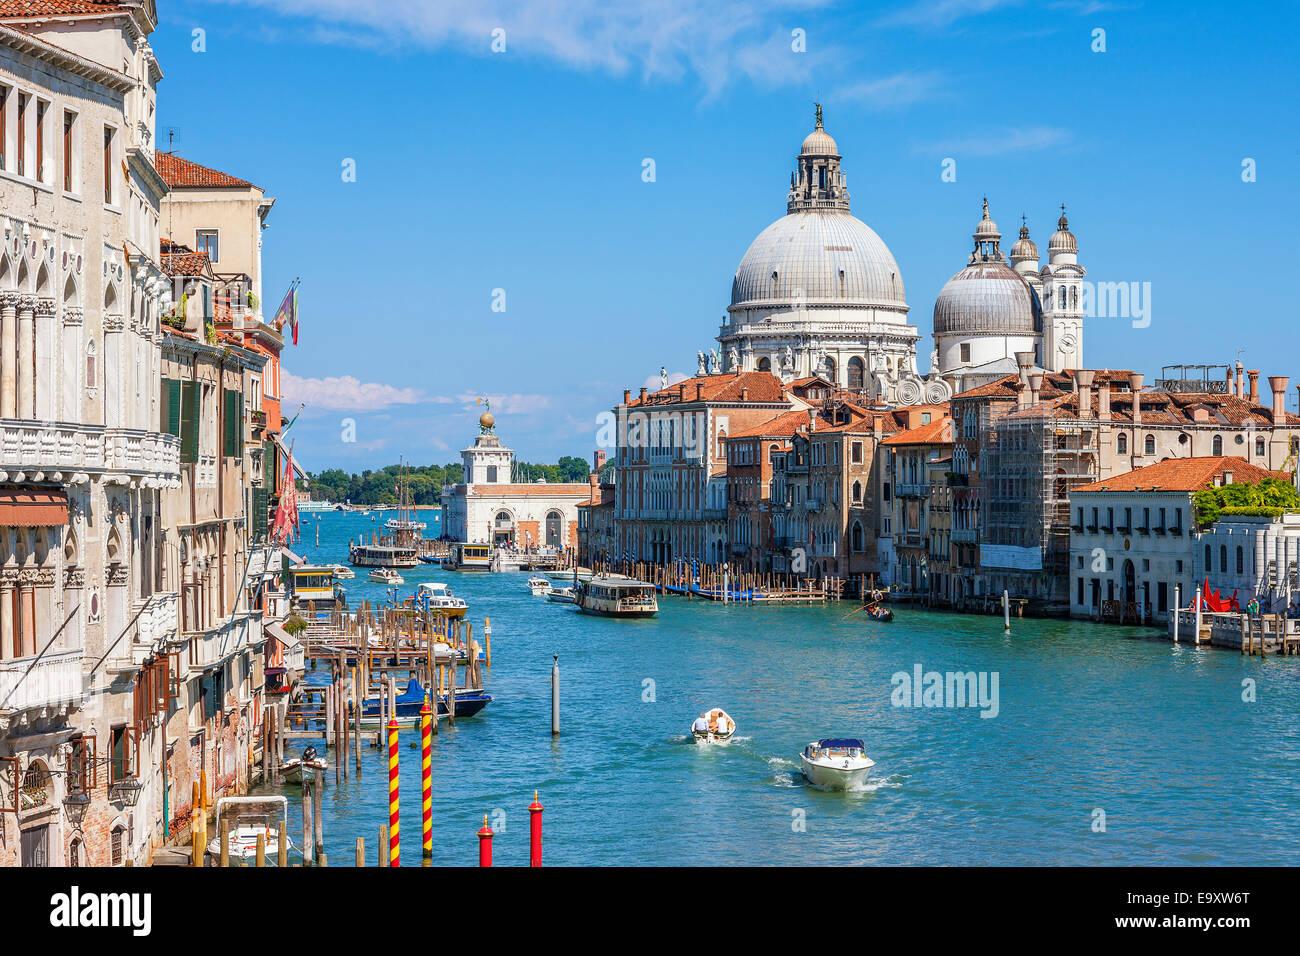 Canal Grande with Basilica di Santa Maria della Salute in the background, Venice, Italy - Stock Image